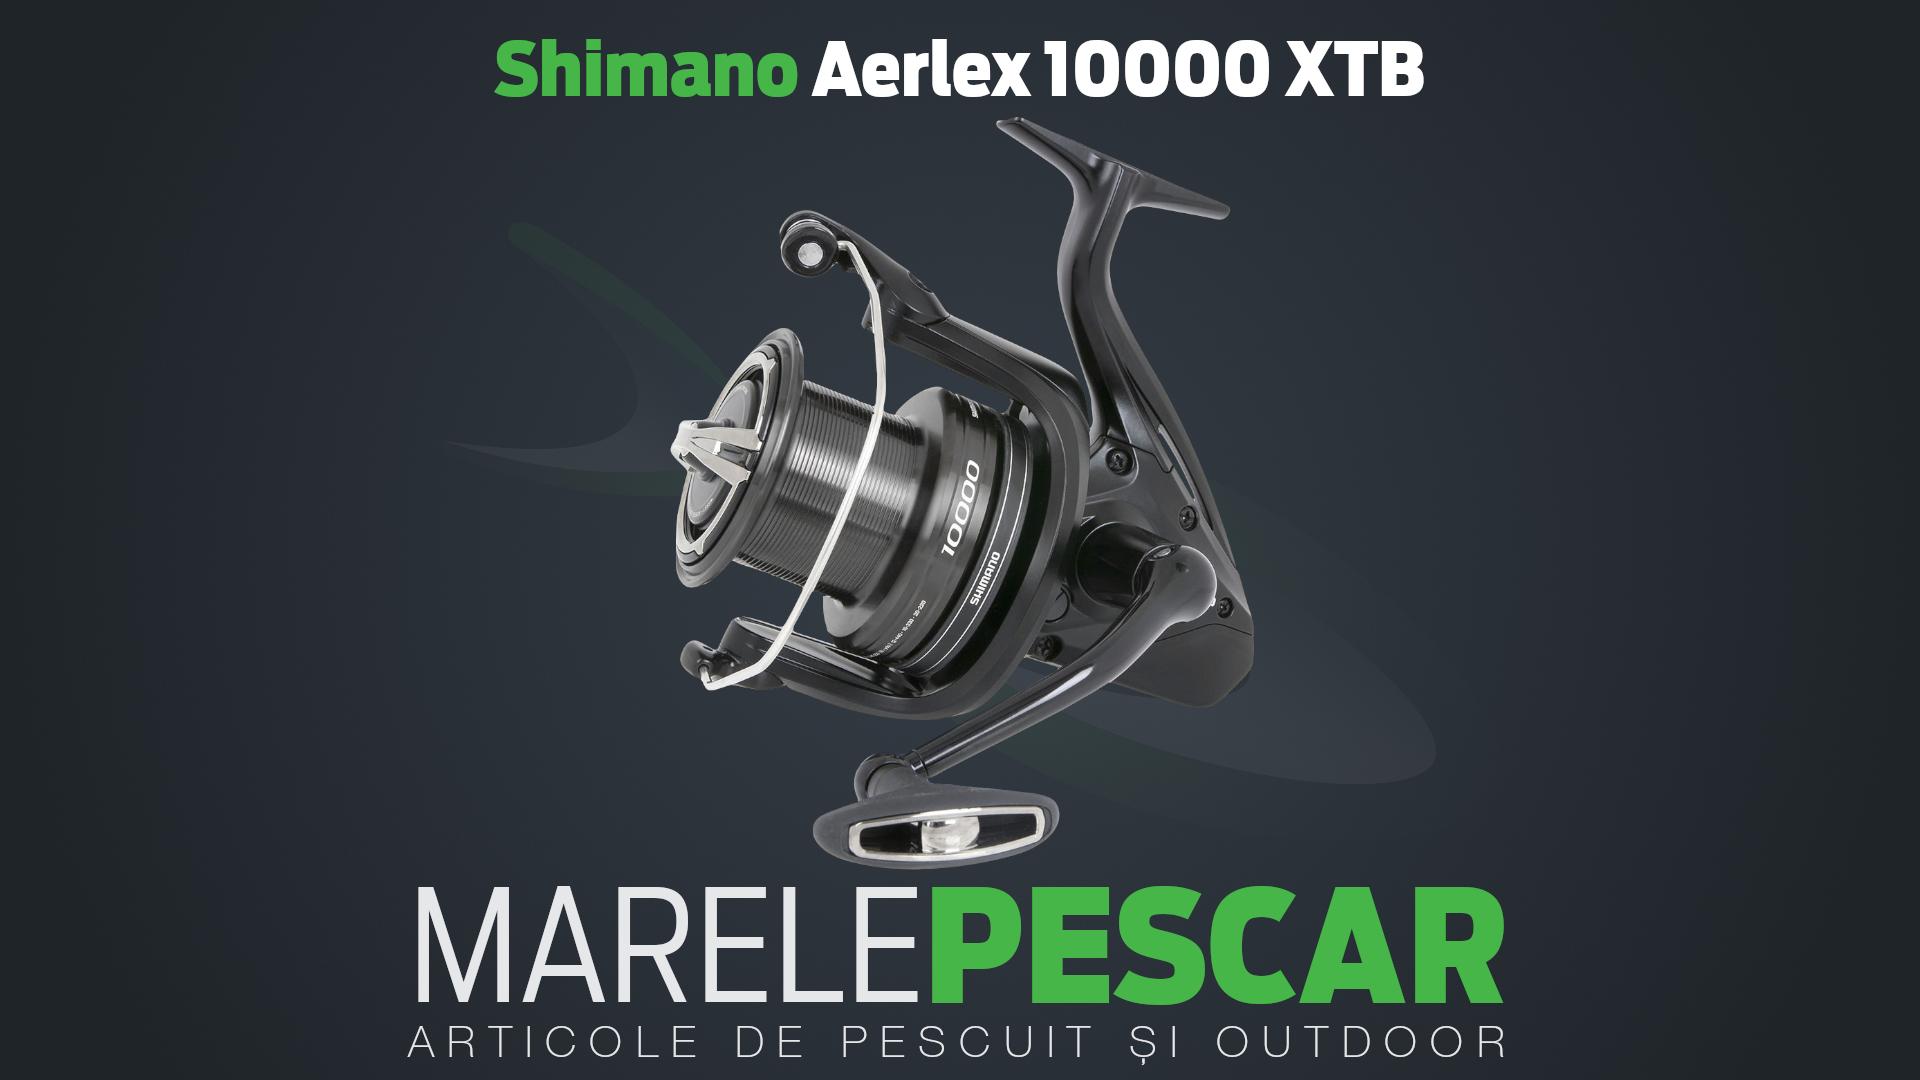 Shimano Aerlex 10000 XTB